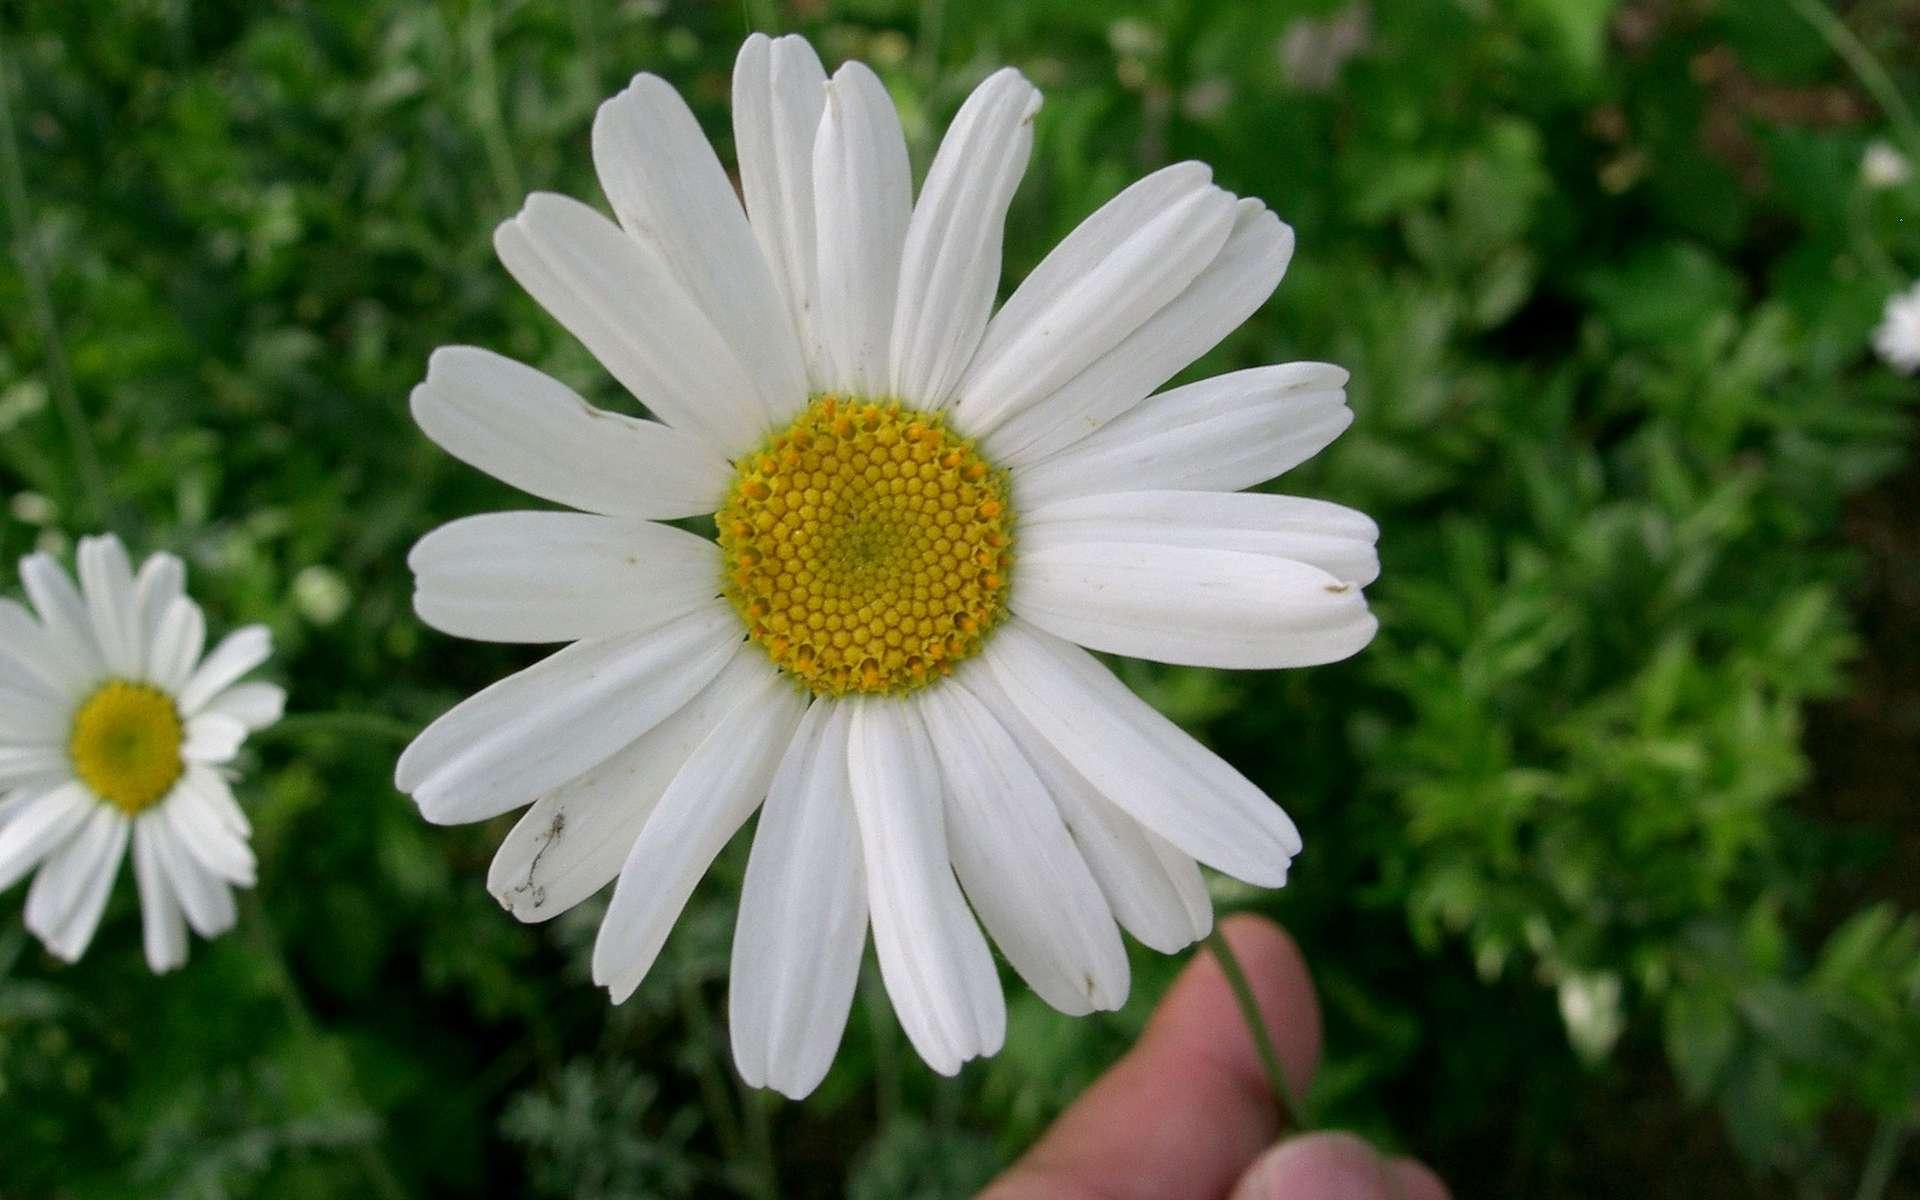 Le pyrèthre, pesticide naturel, peut-il être utilisé au jardin ? © Kenpei, Wikipédia, CC by-sa 3.0